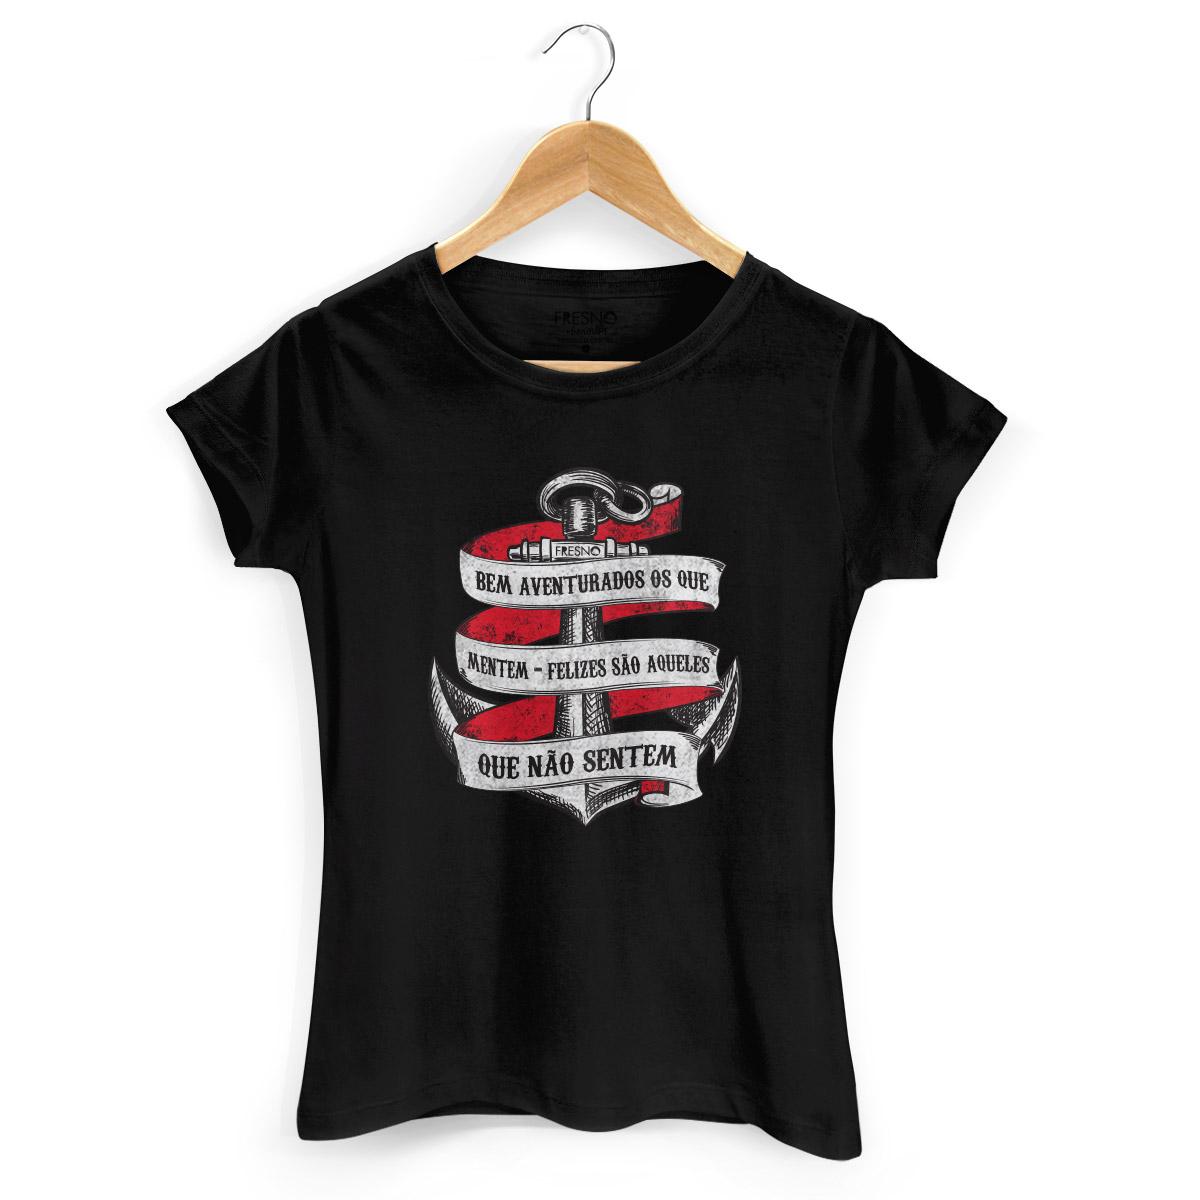 Camiseta Feminina Fresno Bem Aventurados os Que Mentem 2